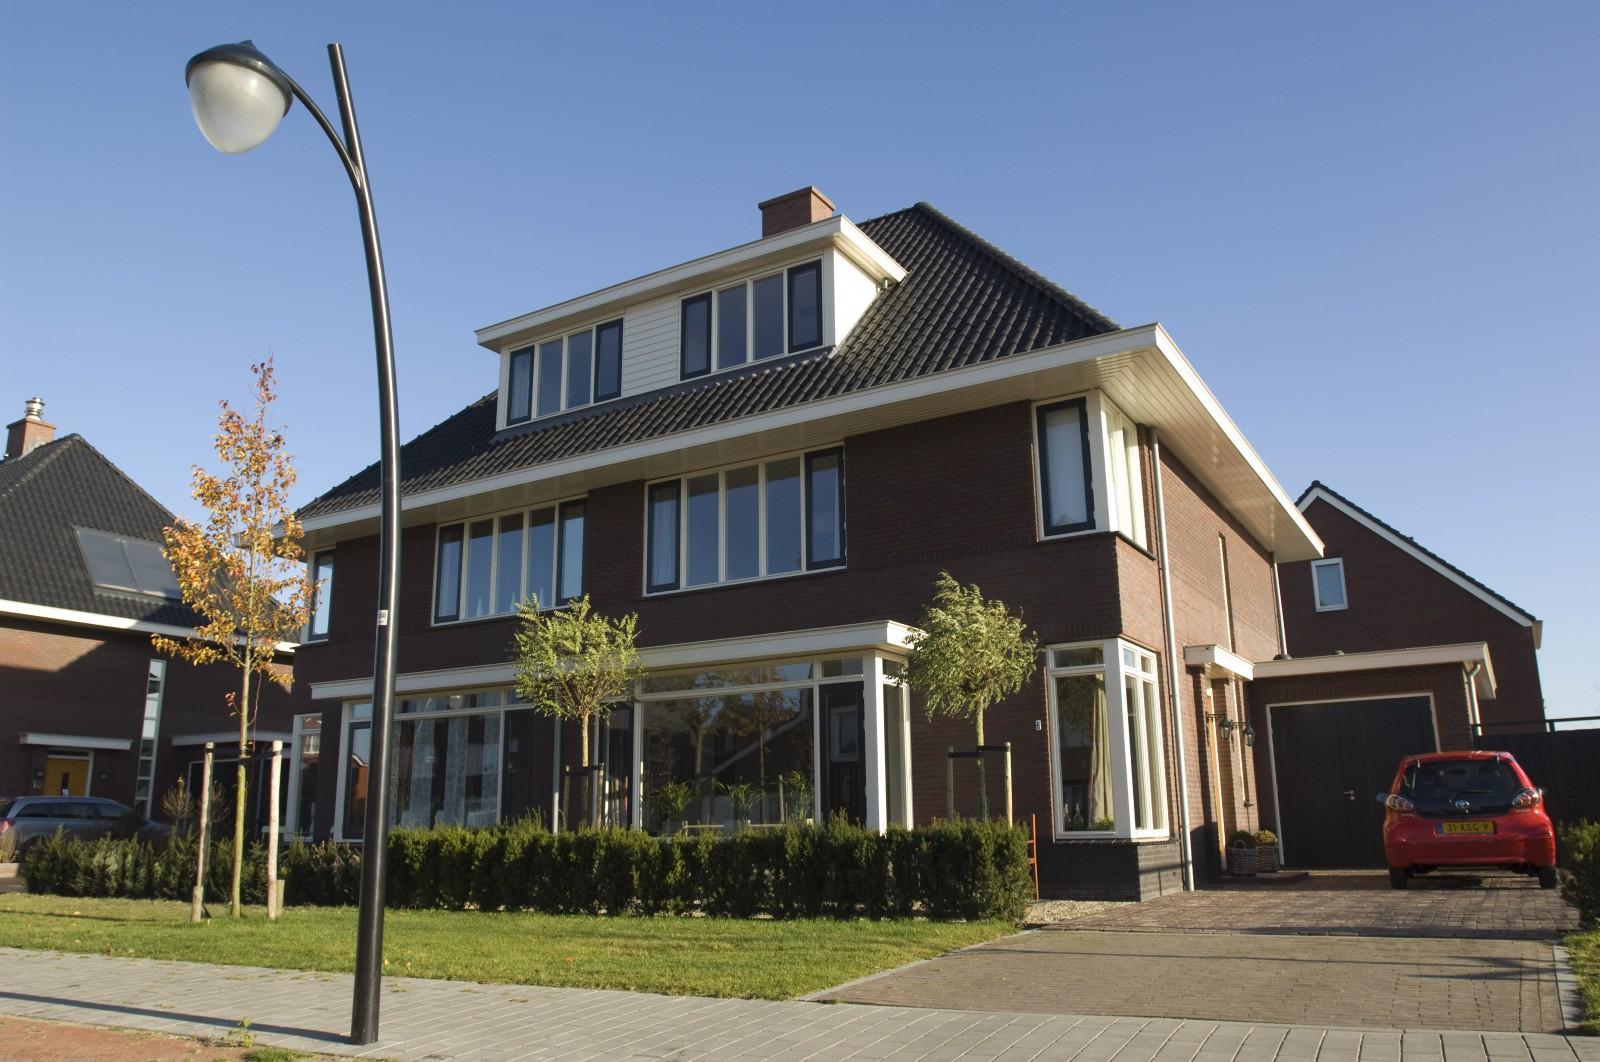 vier 2 onder 1 kap woningen bouwbedrijf huurdeman